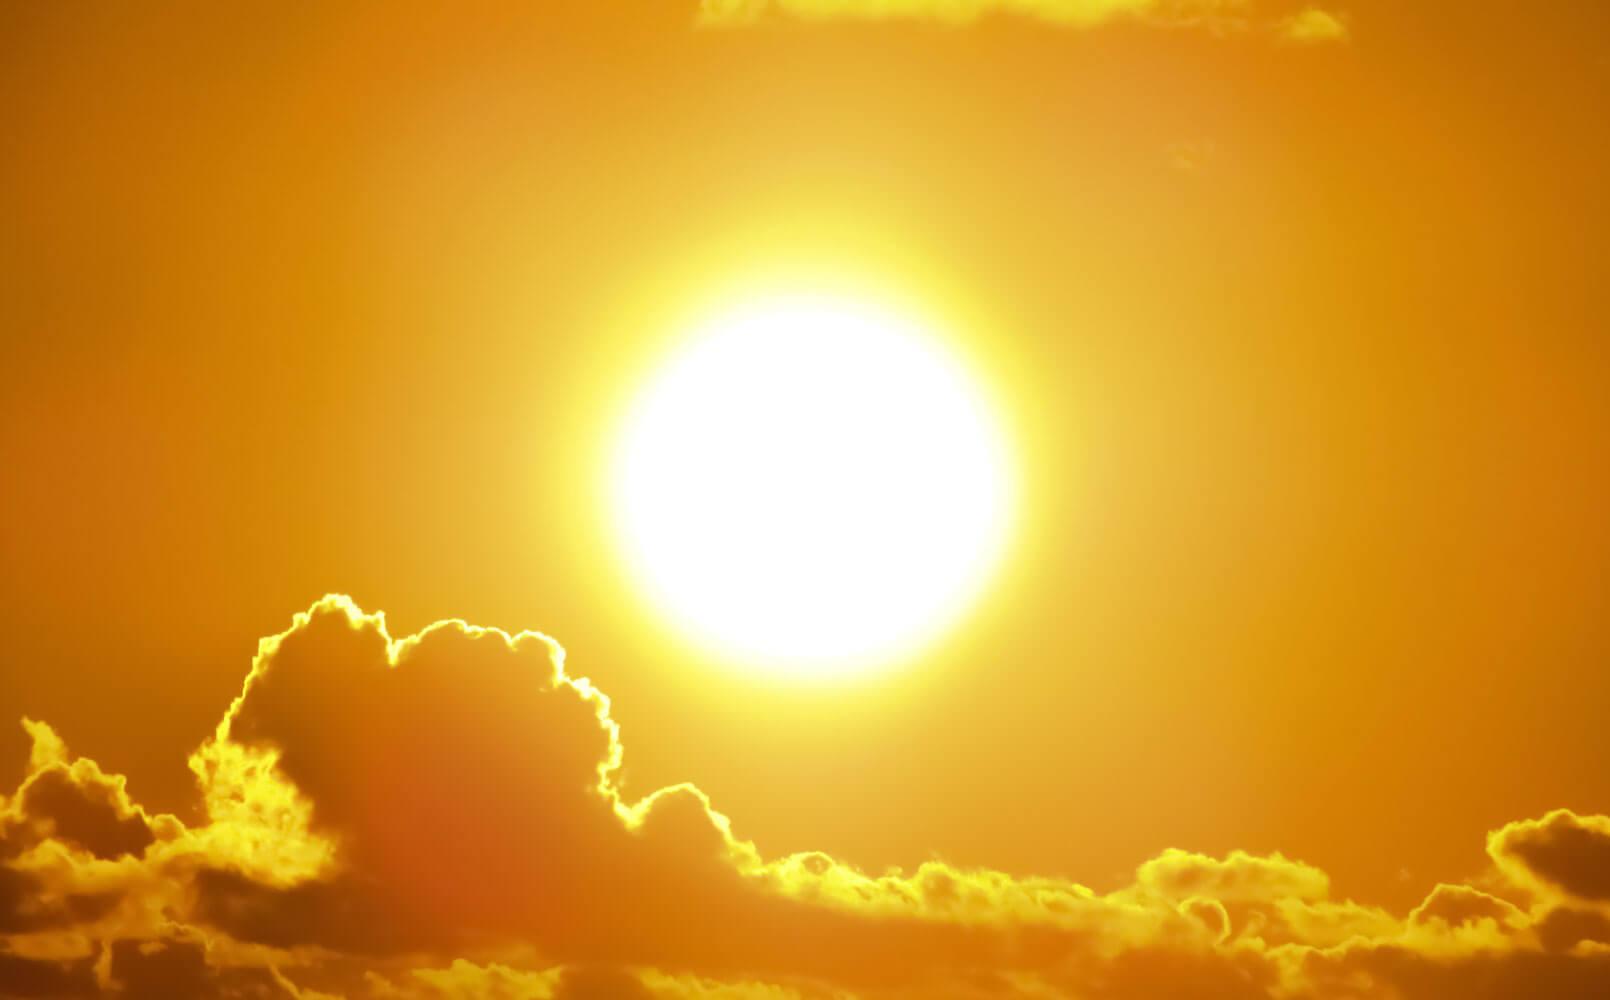 Влияние на здоровье ультрафиолета, необходимого организму